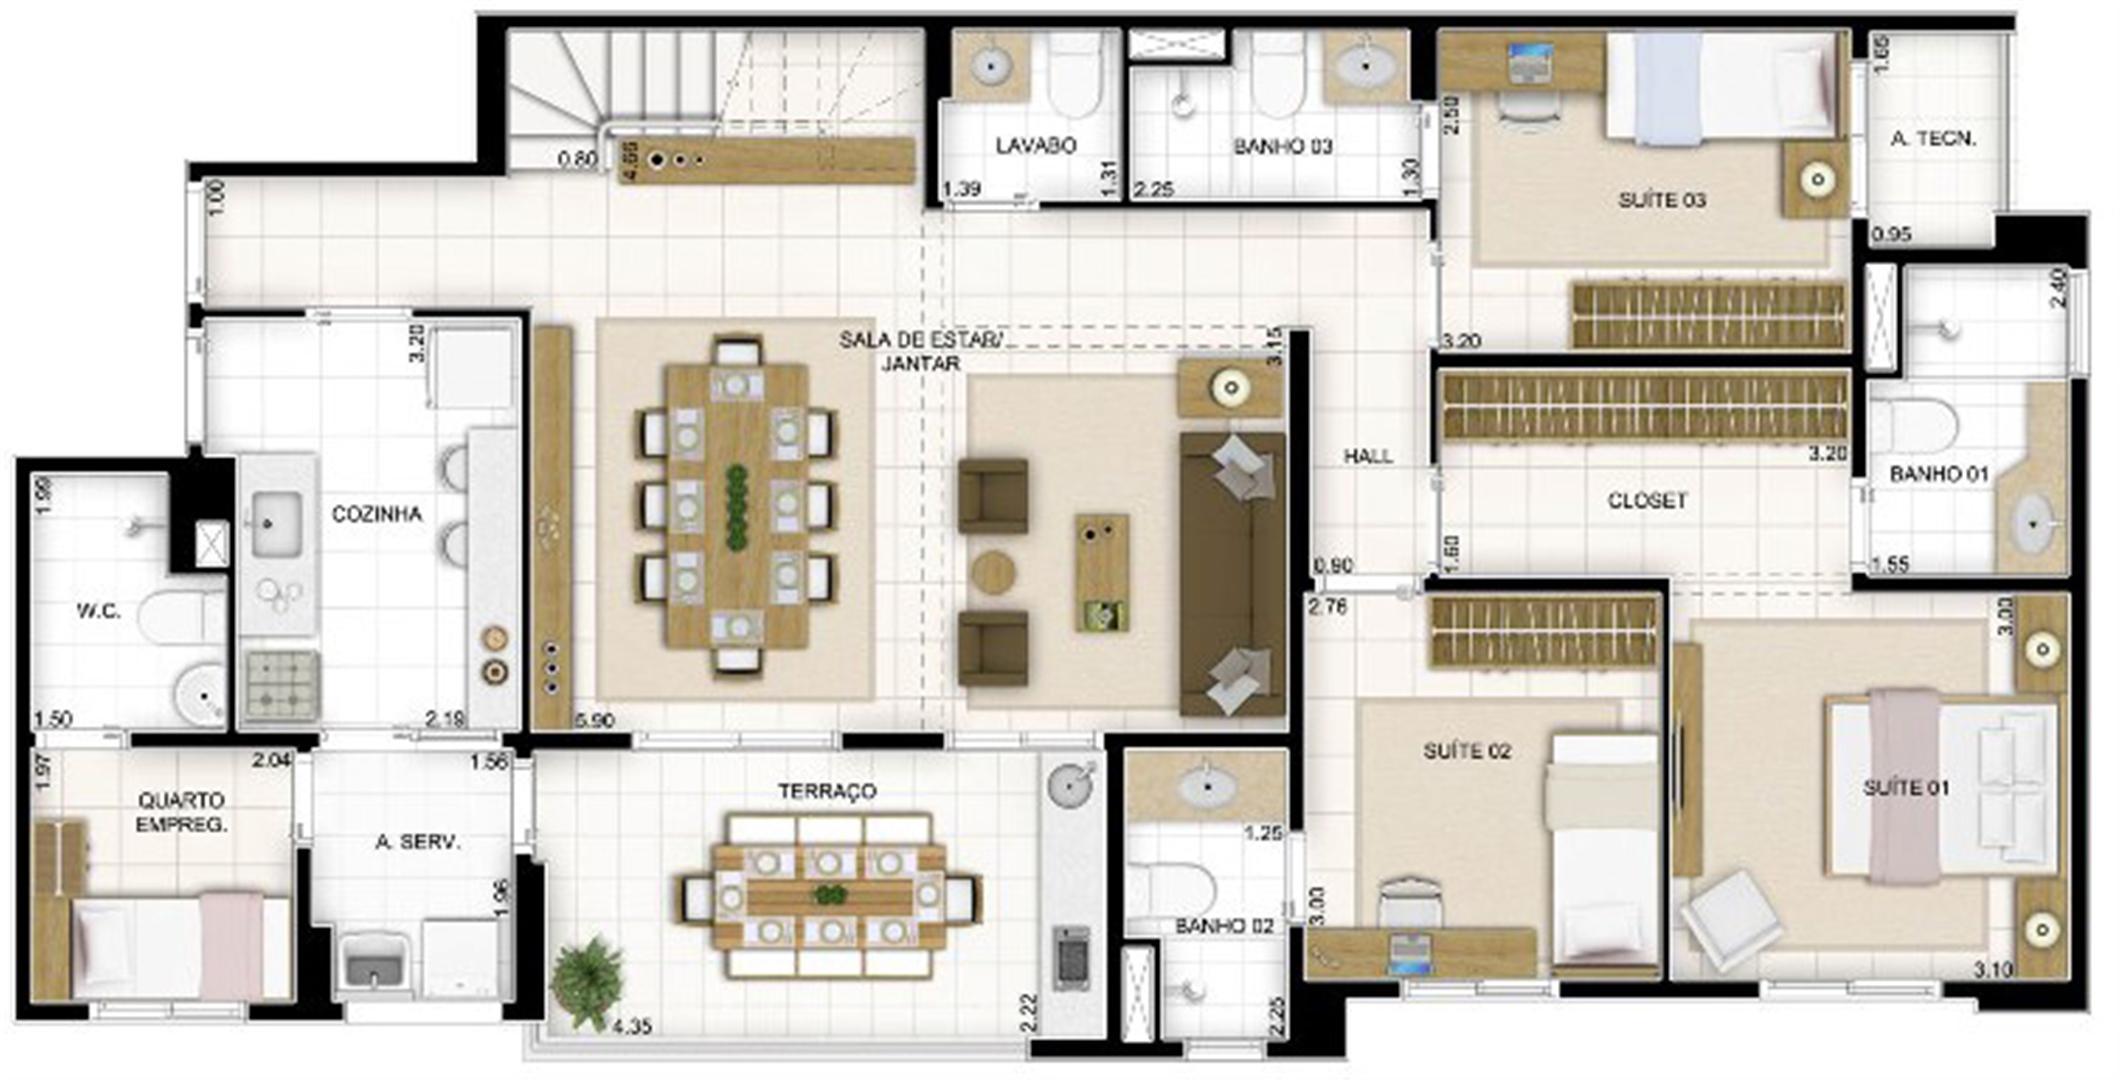 Duplex Andar Inferior 3 quartos Sala Ampliada 236 m²   Quartier Lagoa Nova – Apartamento na  Lagoa Nova - Natal - Rio Grande do Norte